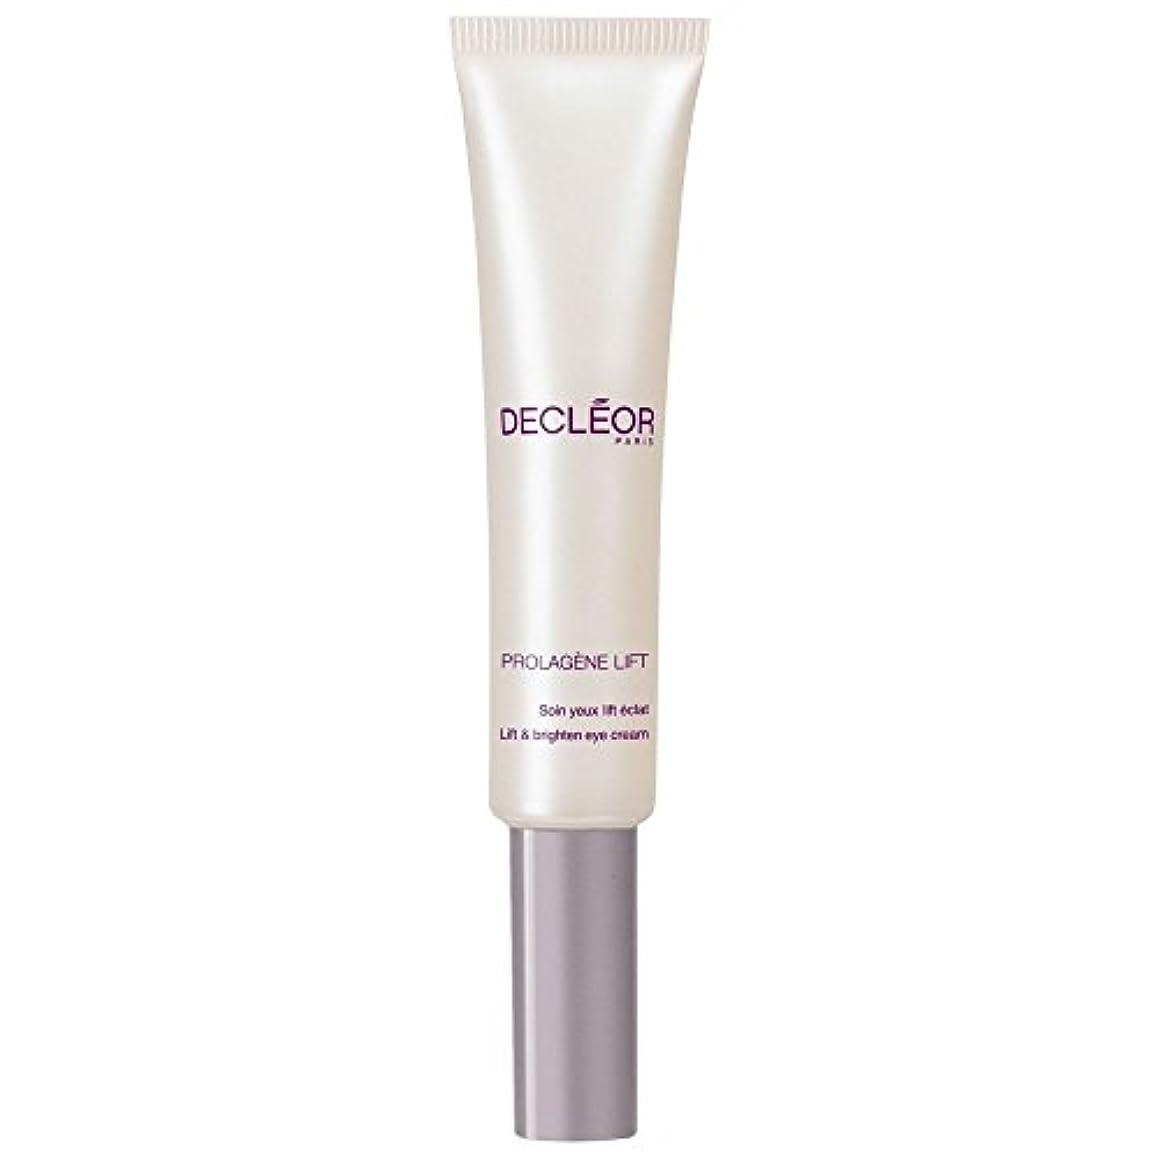 応答治世比較[Decl?or] デクレオールProlageneリフト - リフト&アイクリームを明るく - Decl?or Prolagene Lift - Lift & Brighten Eye Cream [並行輸入品]